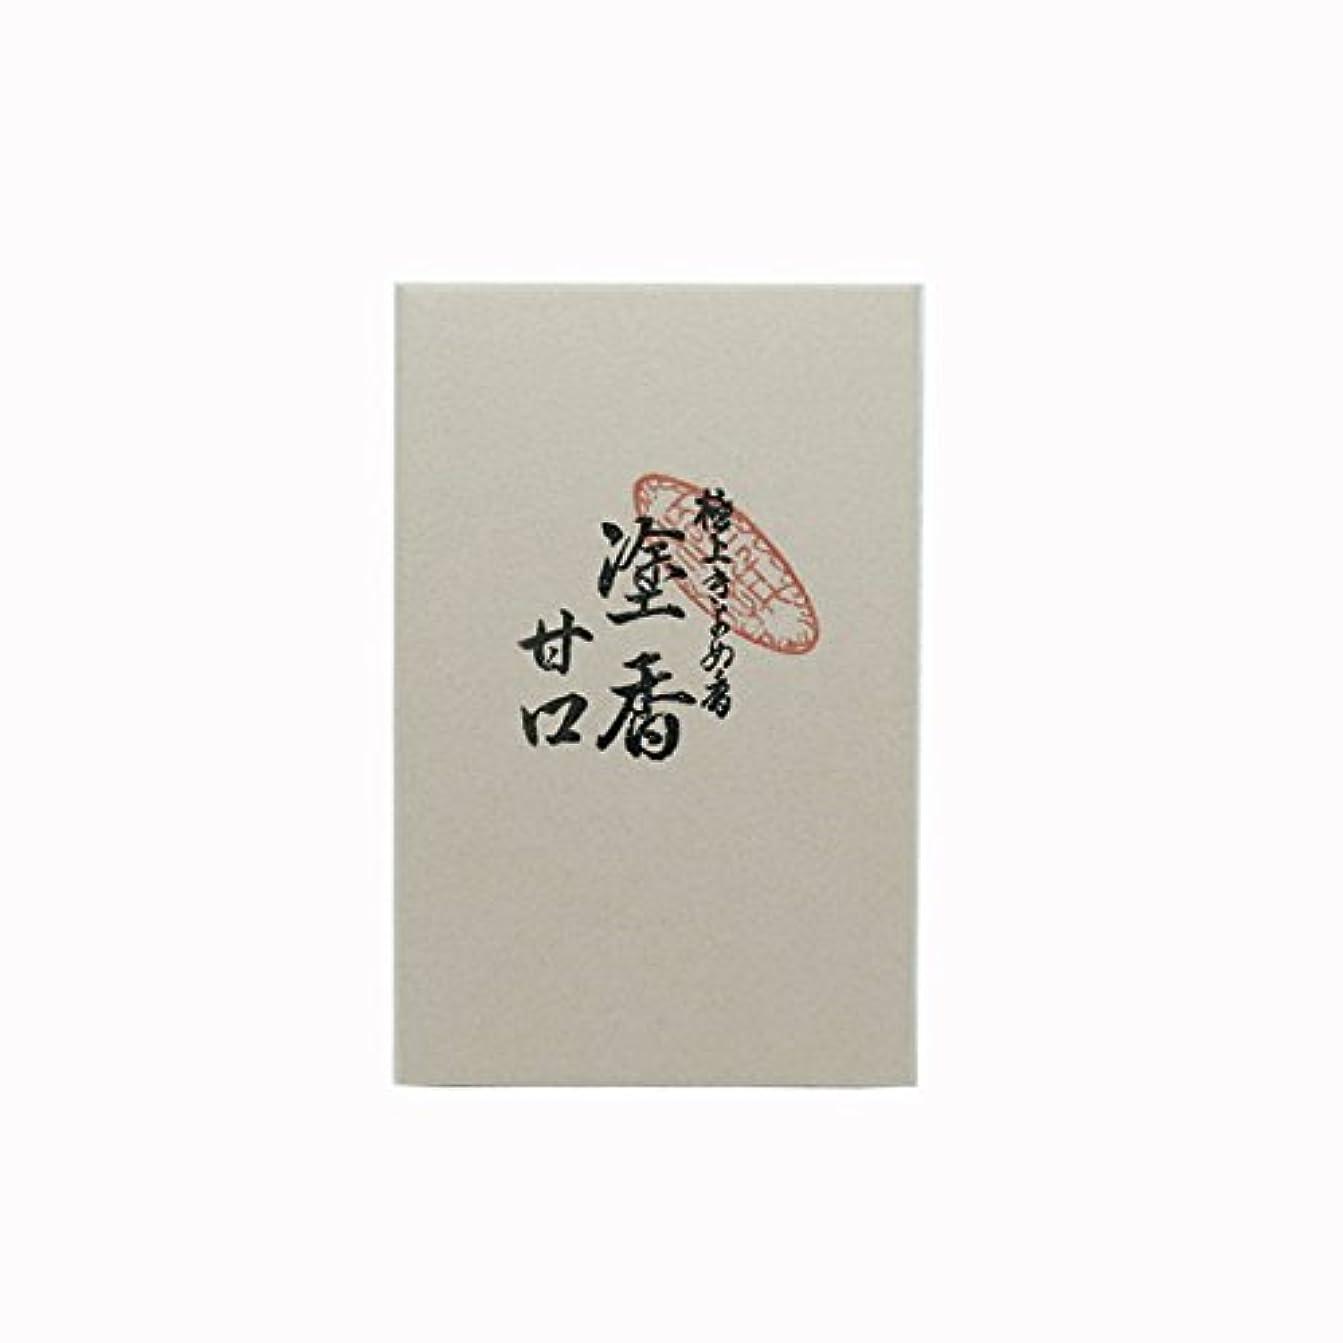 塗香(甘口) 12g入